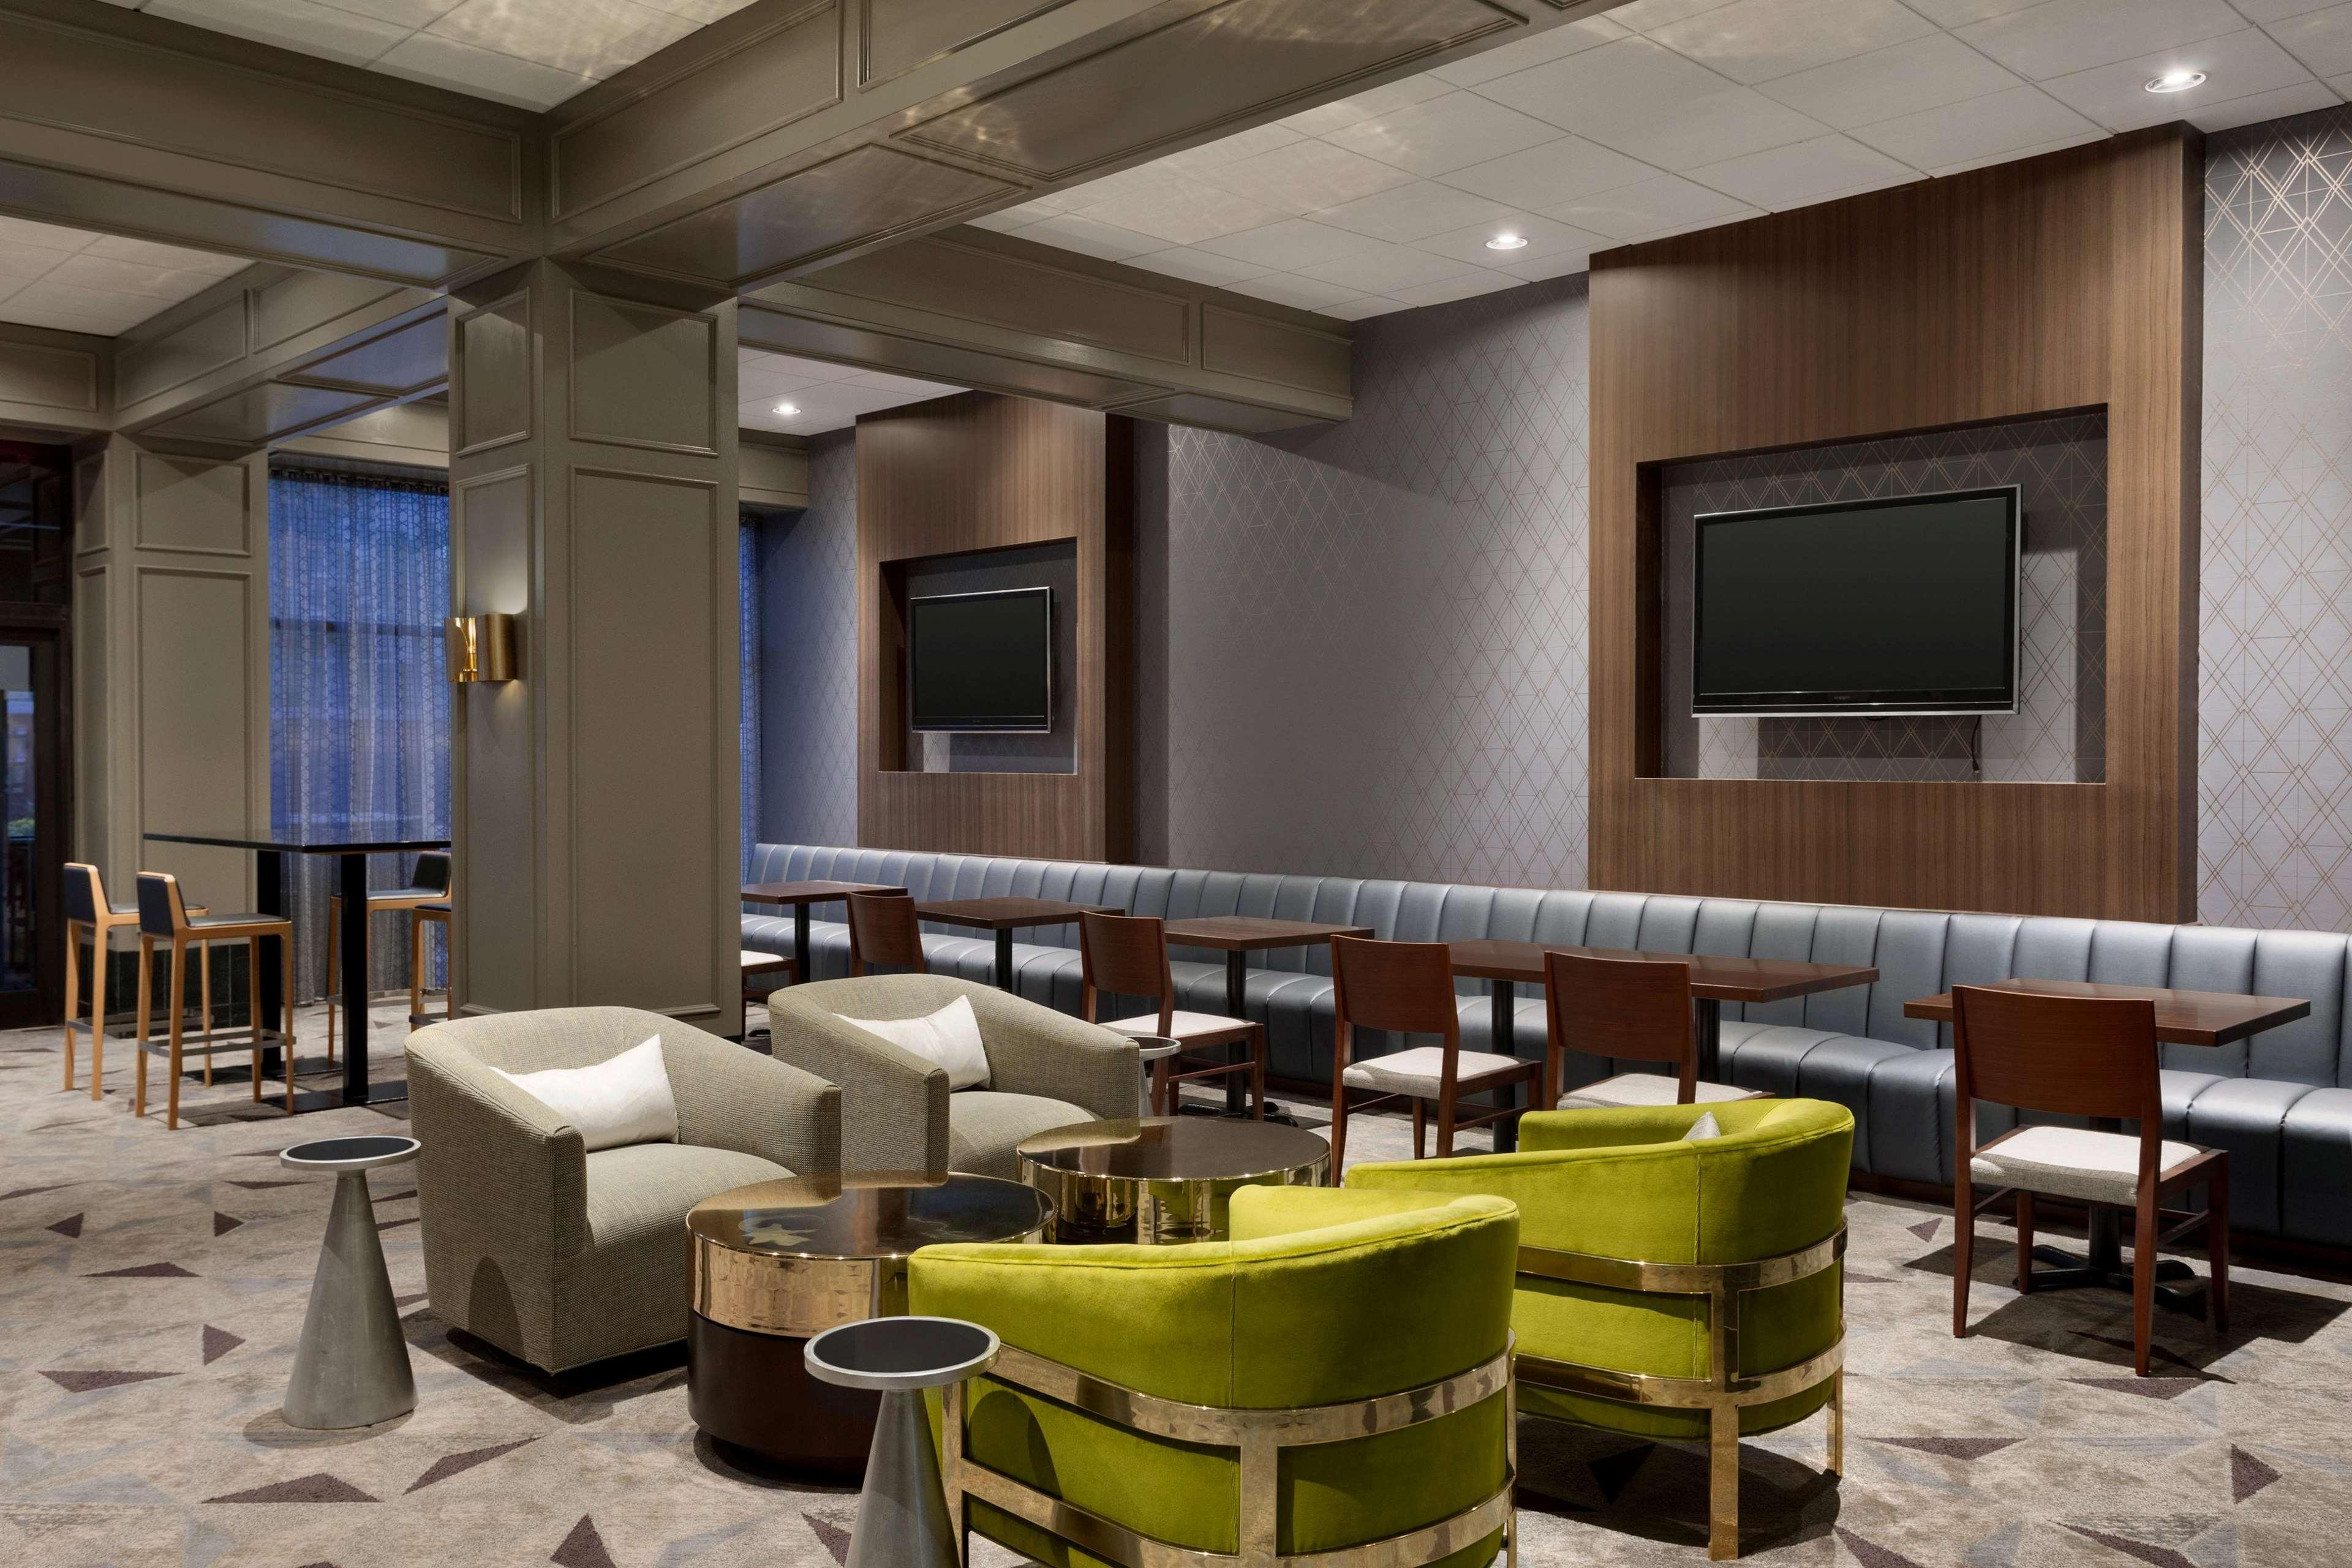 Hilton Chicago/Oak Brook Suites image 39